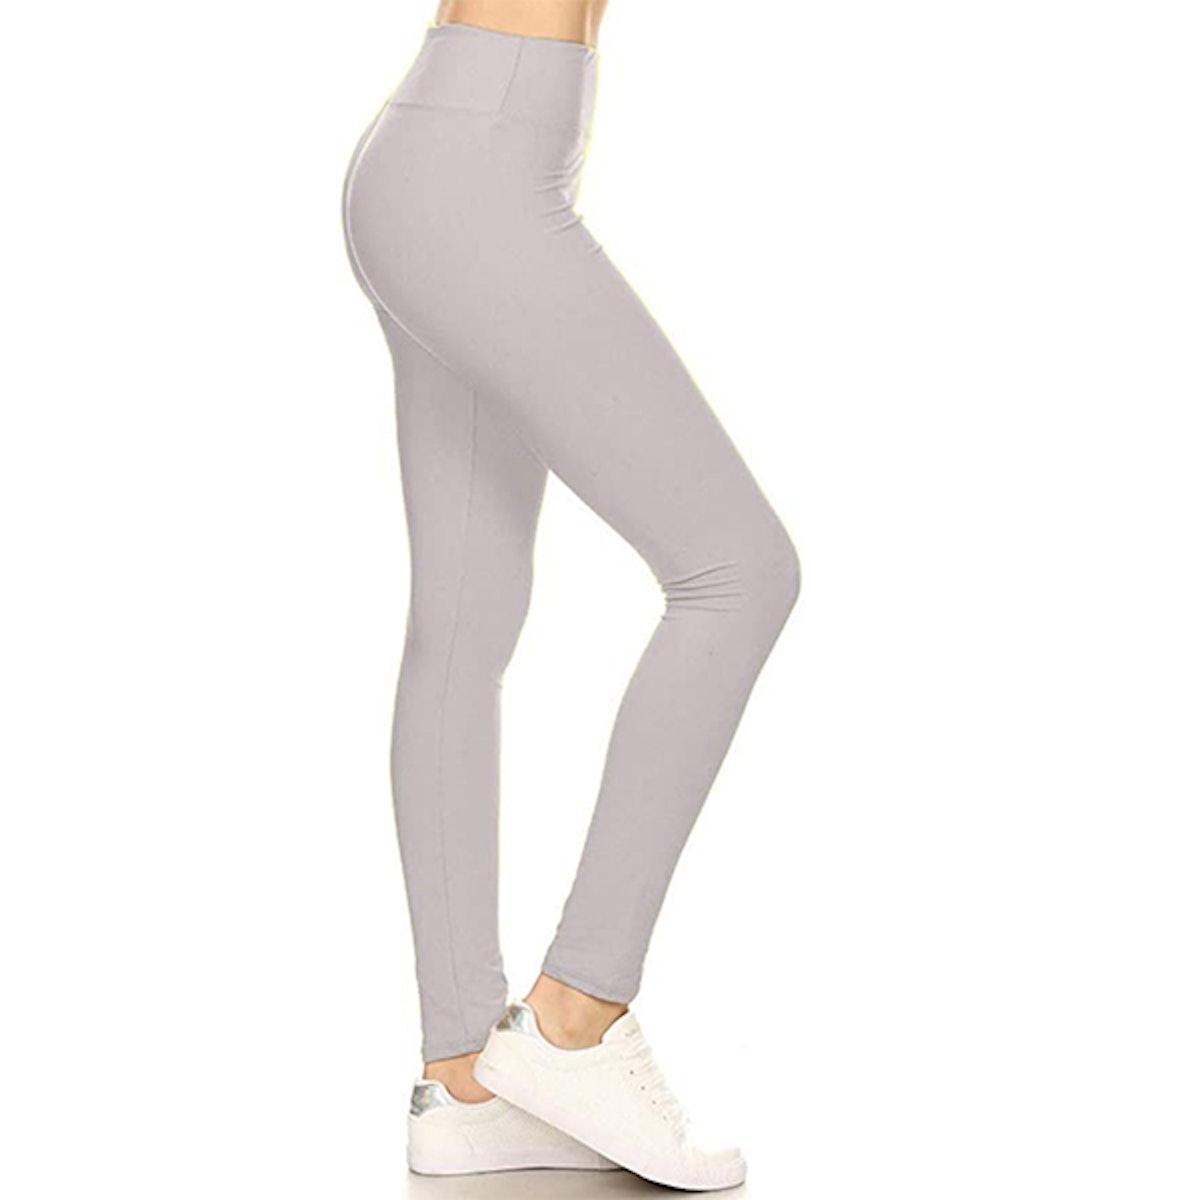 Leggings Depot Yoga Leggings